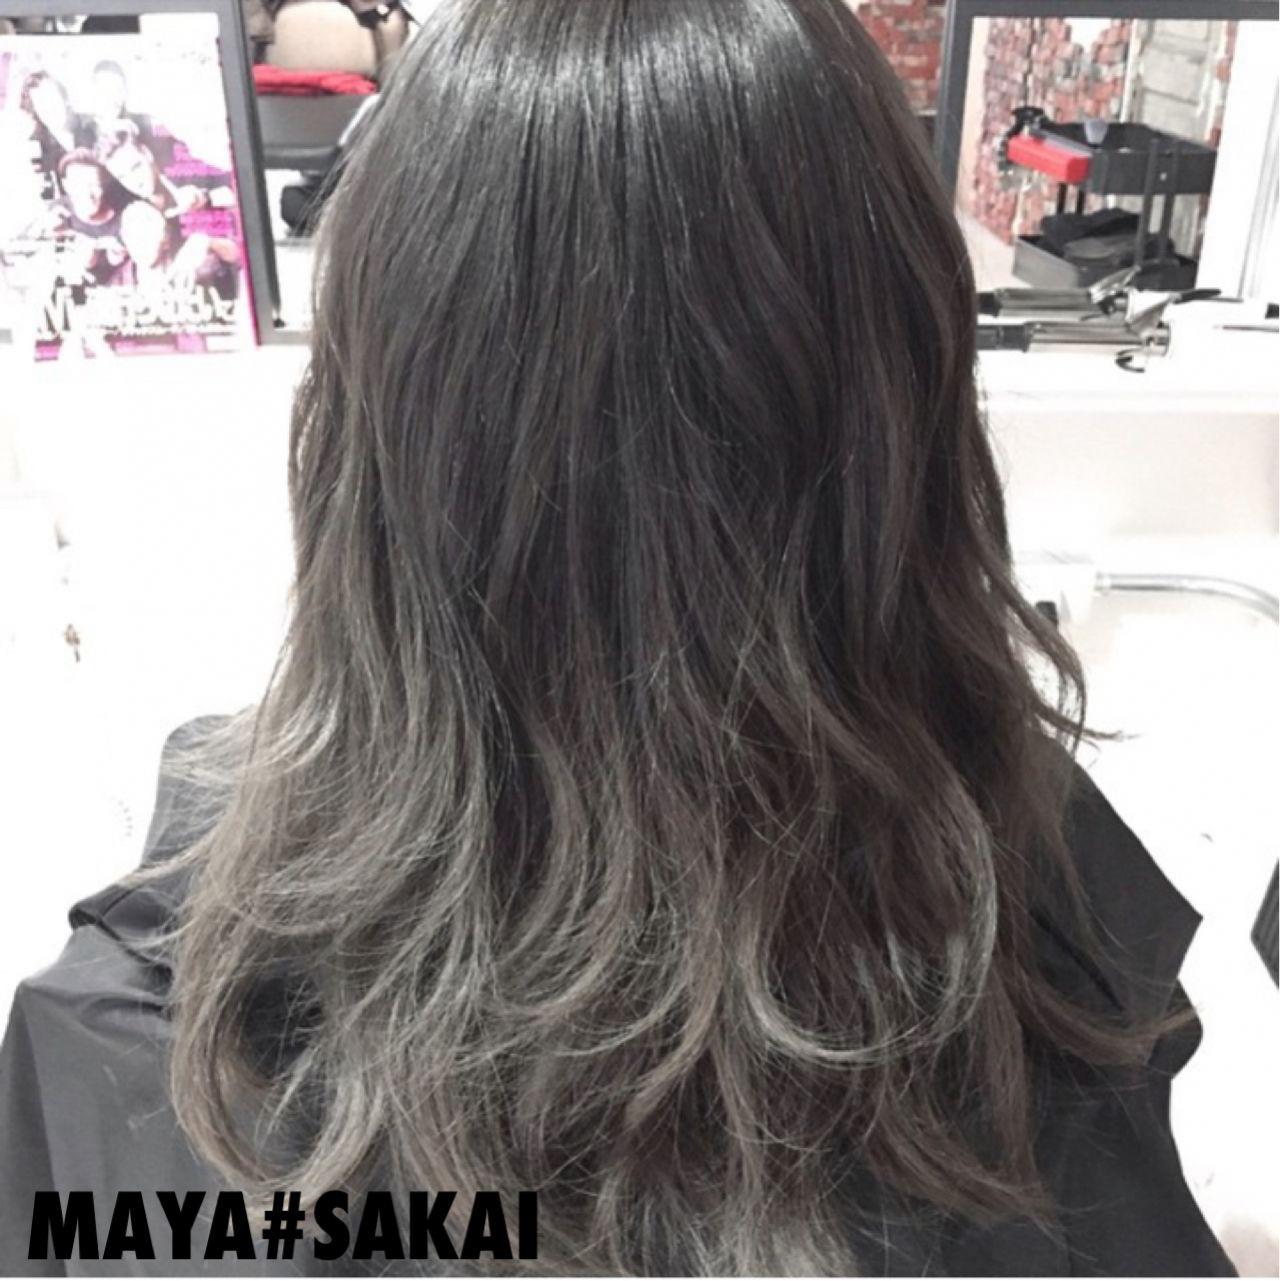 グレー系ヘアカラーが大人気!入りにくい髪色を上手く出すコツは? maya#sakai